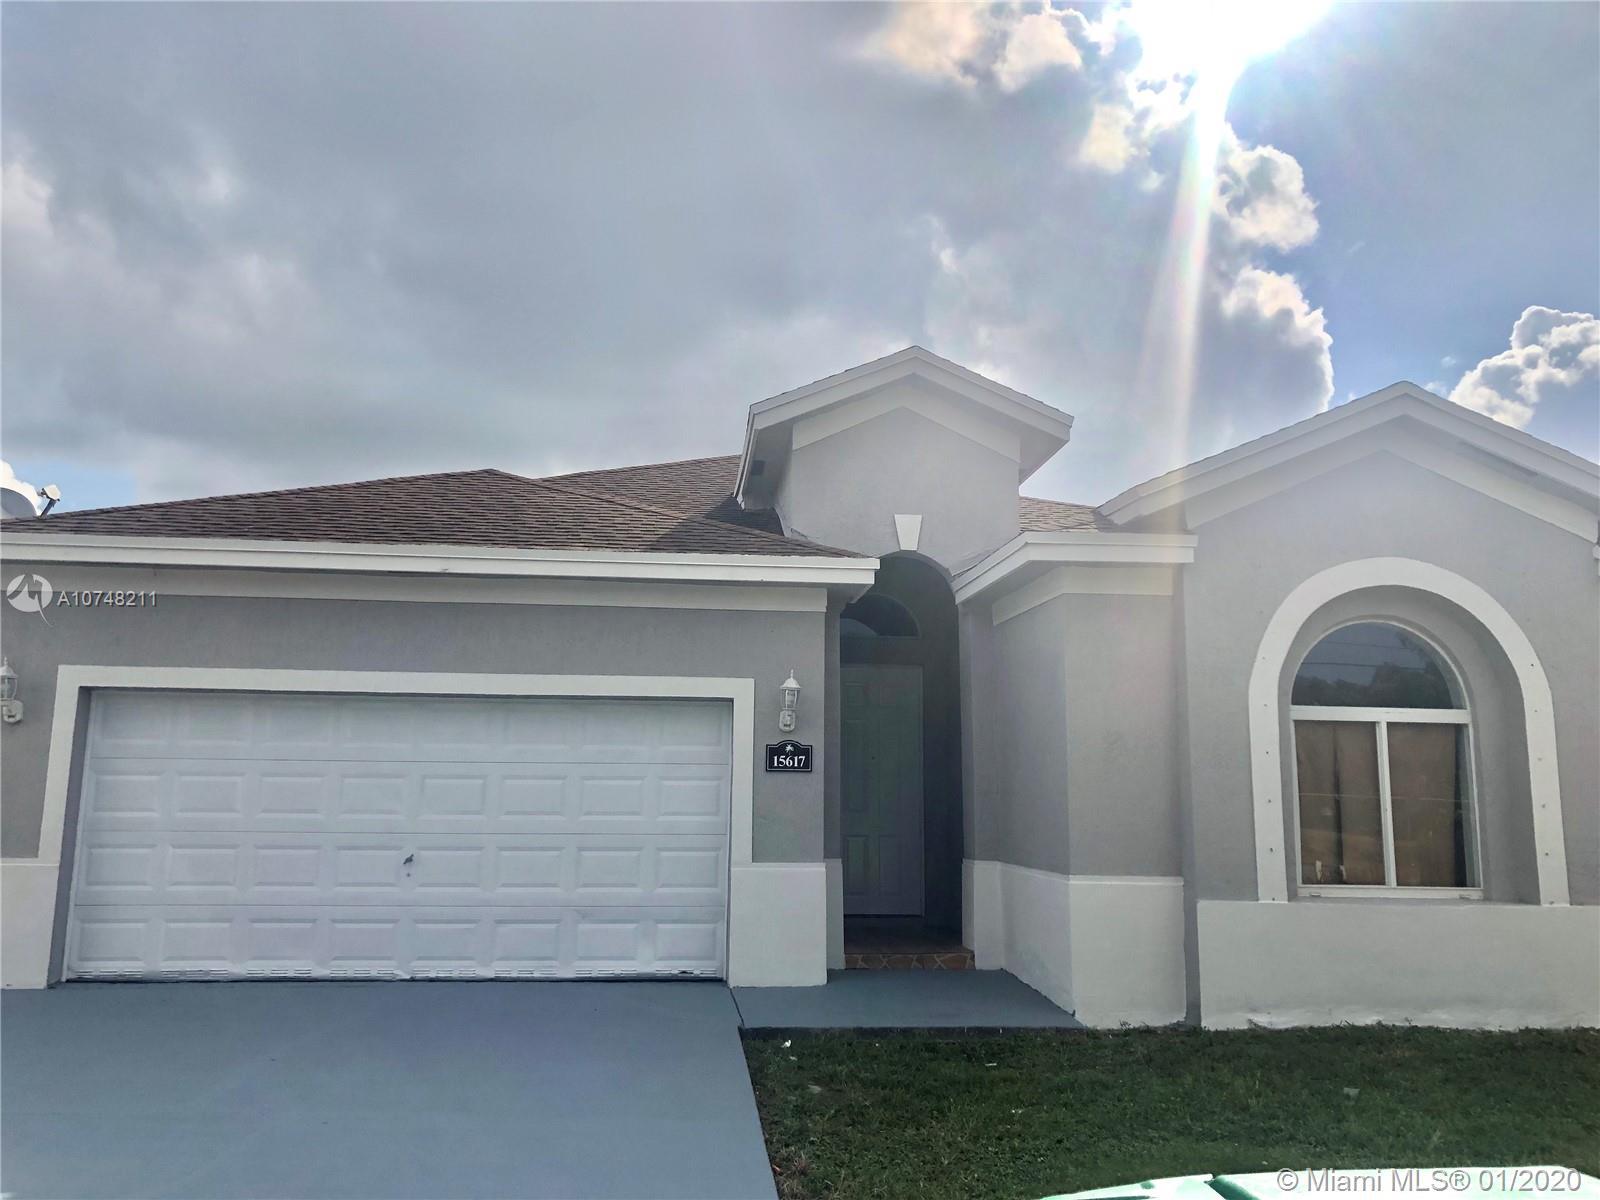 15617 NW 45th Ave, Miami Gardens, FL 33054